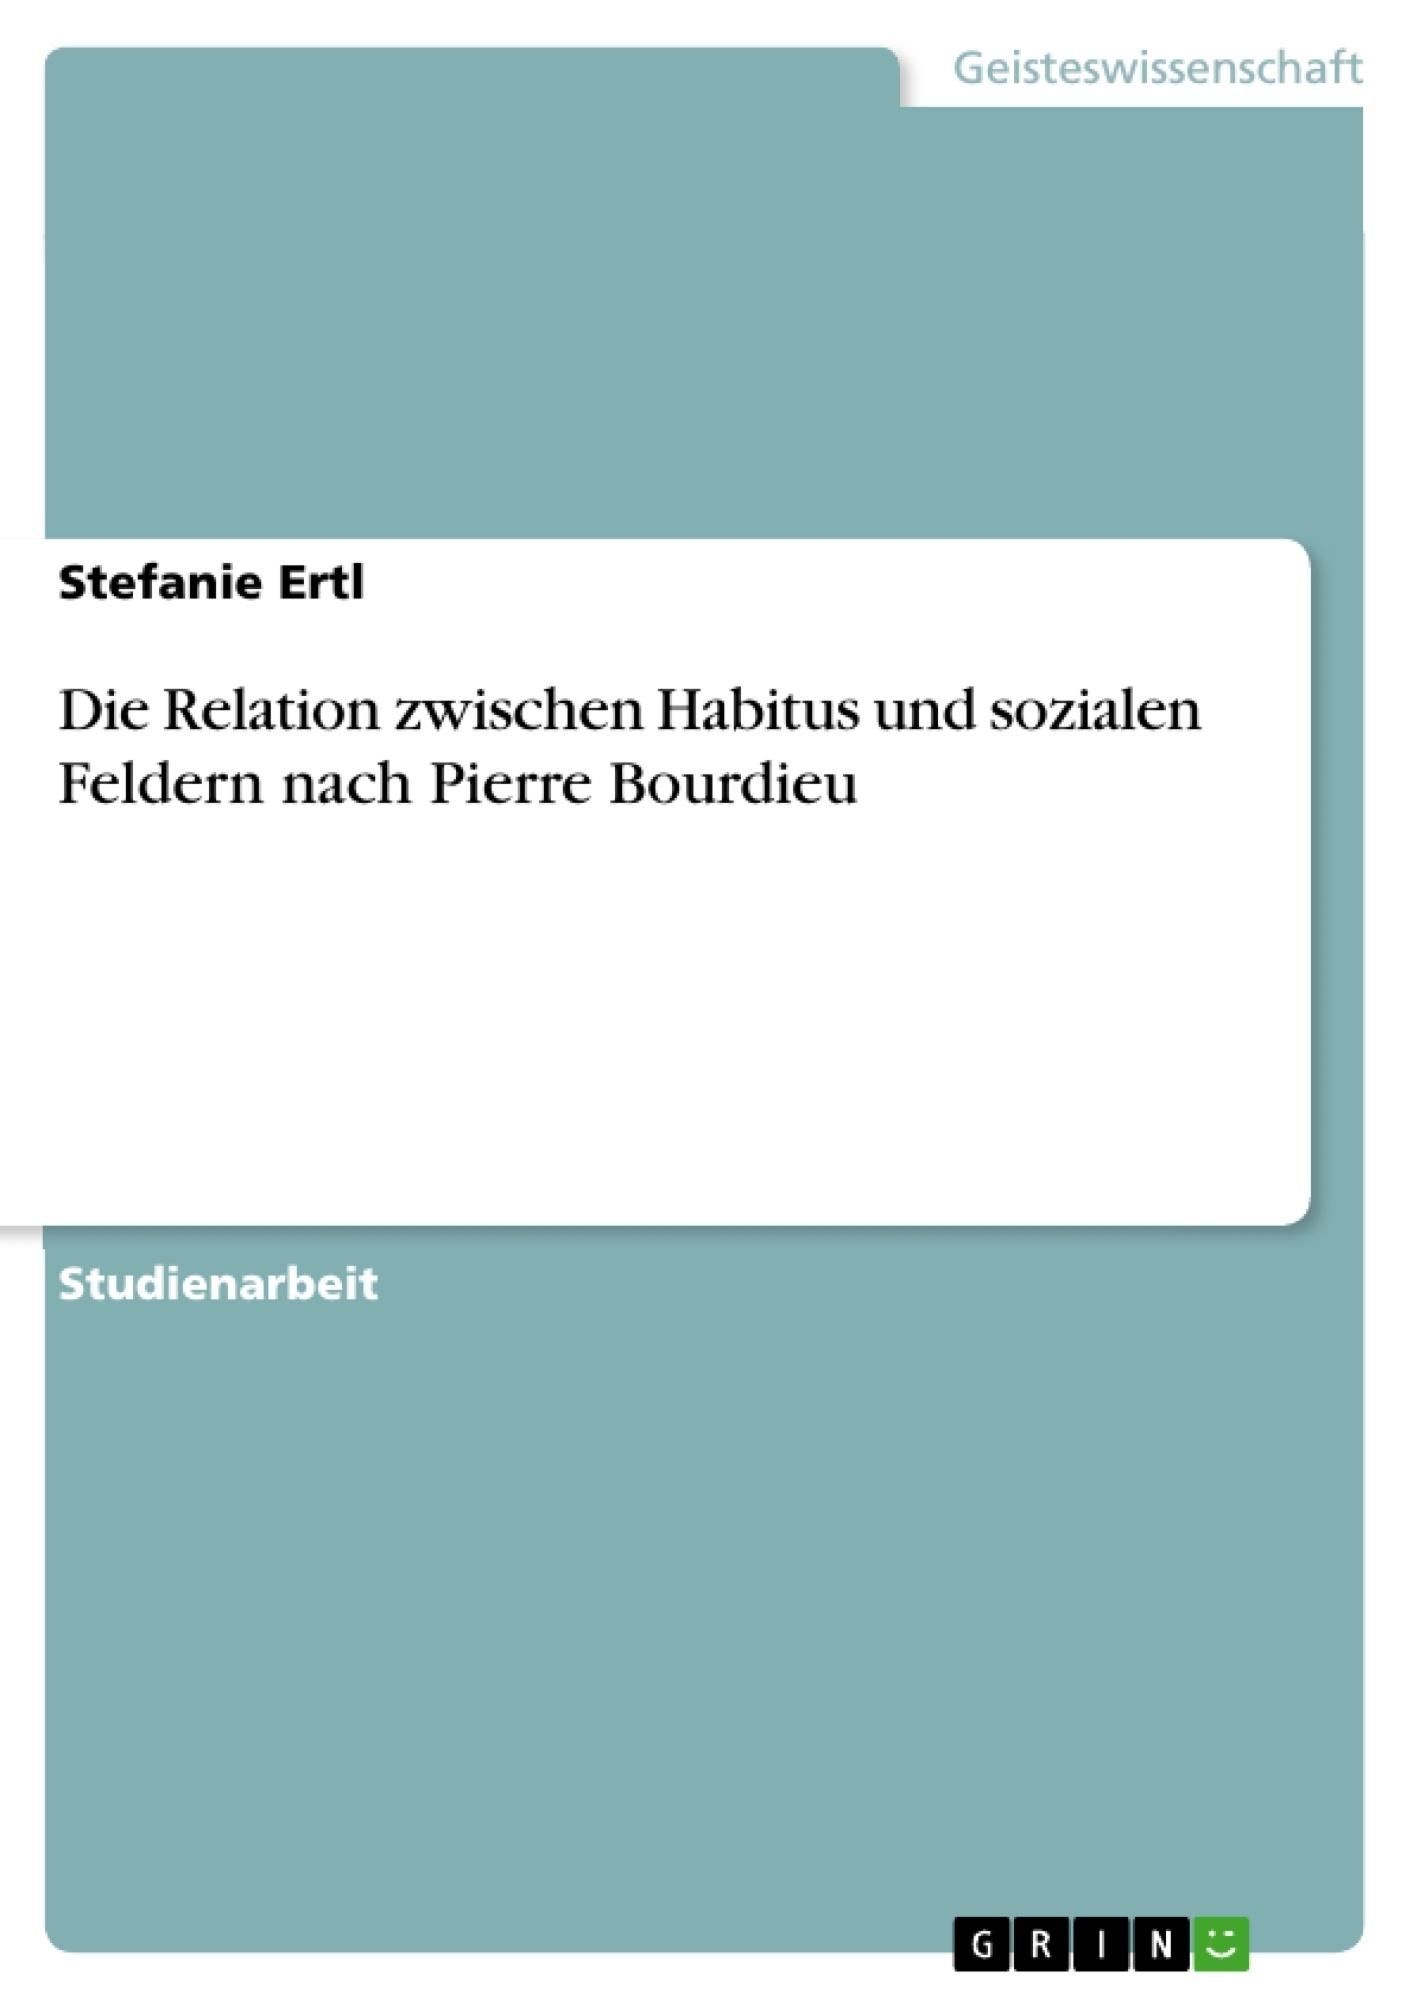 Titel: Die Relation zwischen Habitus und sozialen Feldern nach Pierre Bourdieu